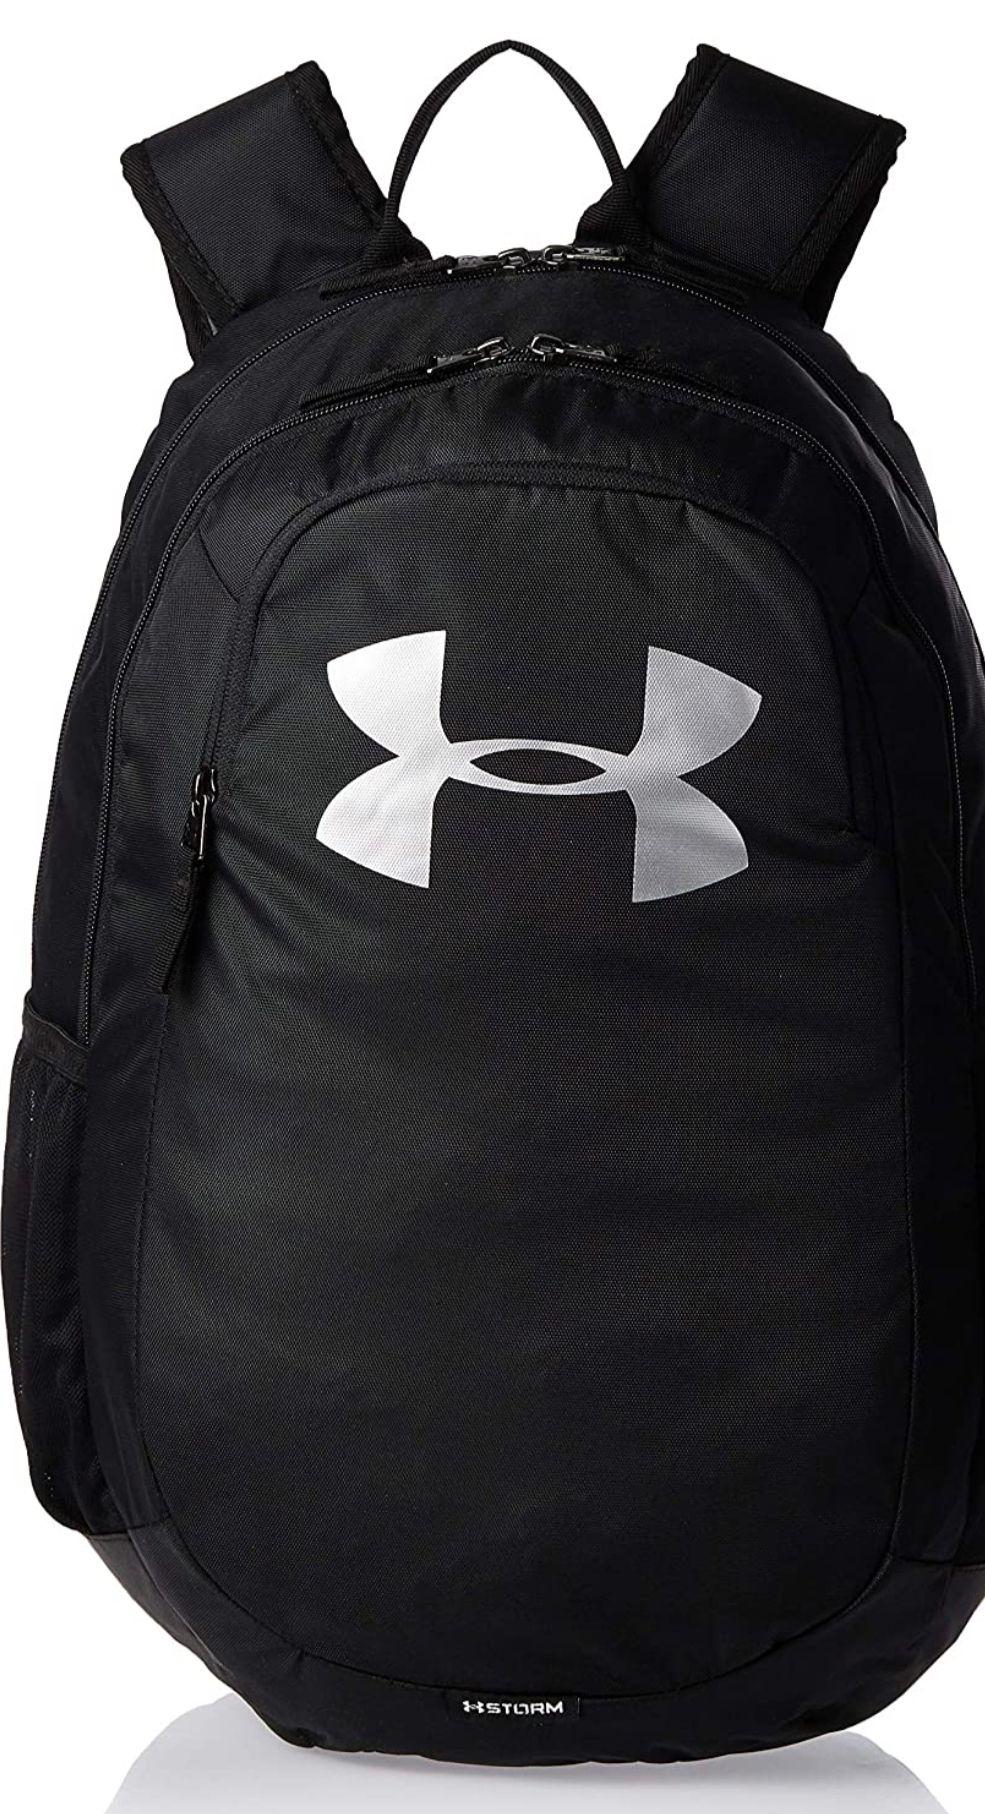 Under Armour Scrimmage 2.0 Backpack mochila resistente al agua. Varios colores